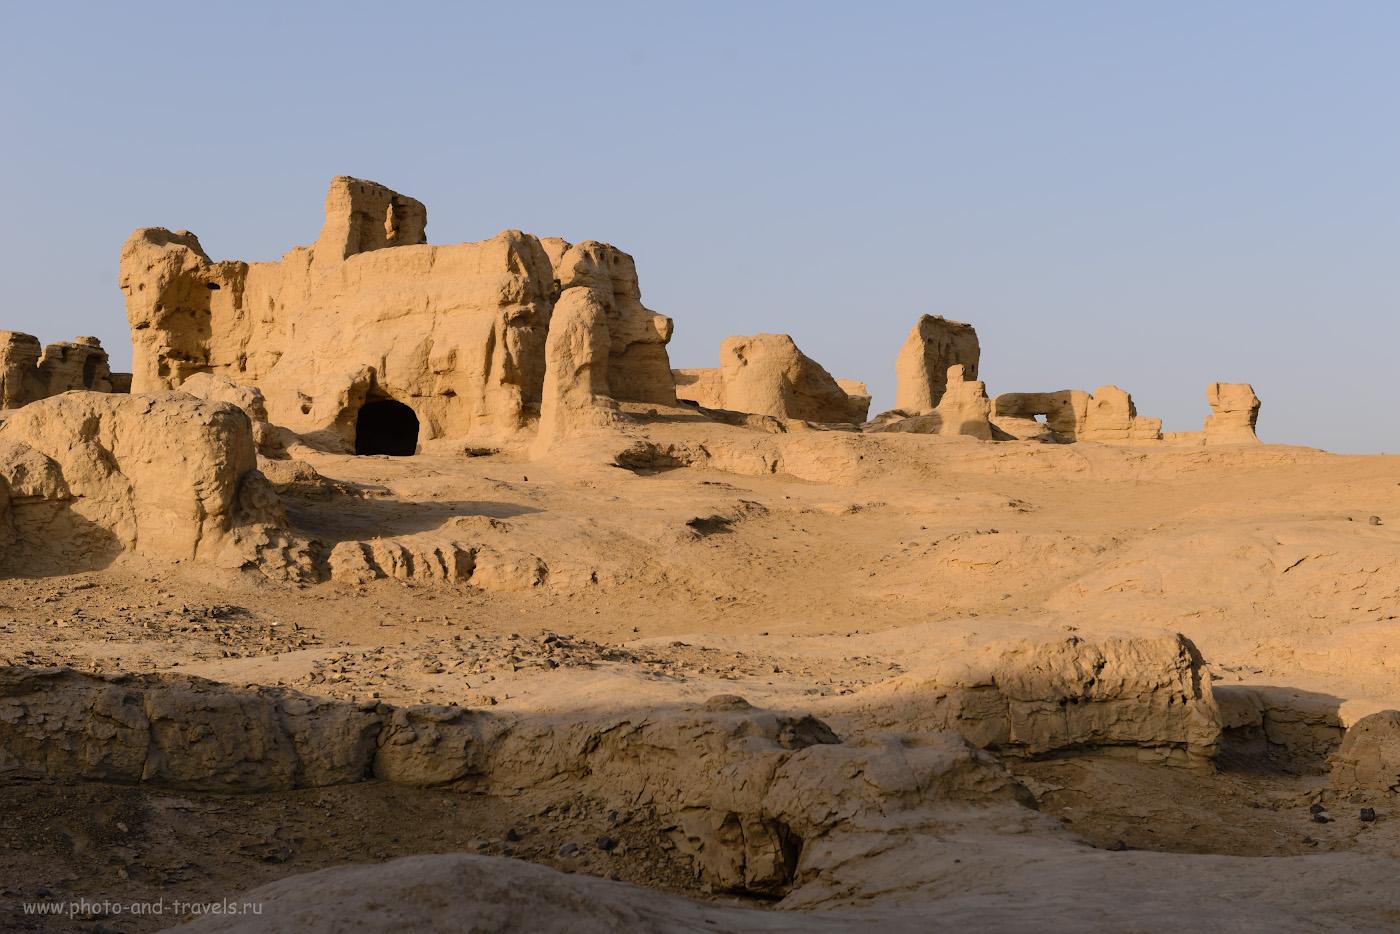 Фотография 8. Таинственные руины городища Цзяохэ. Поездка из Урумчи в Турфан самостоятельно. Приключения россиян в Синьцзян-Уйгурском автономном районе Китая.